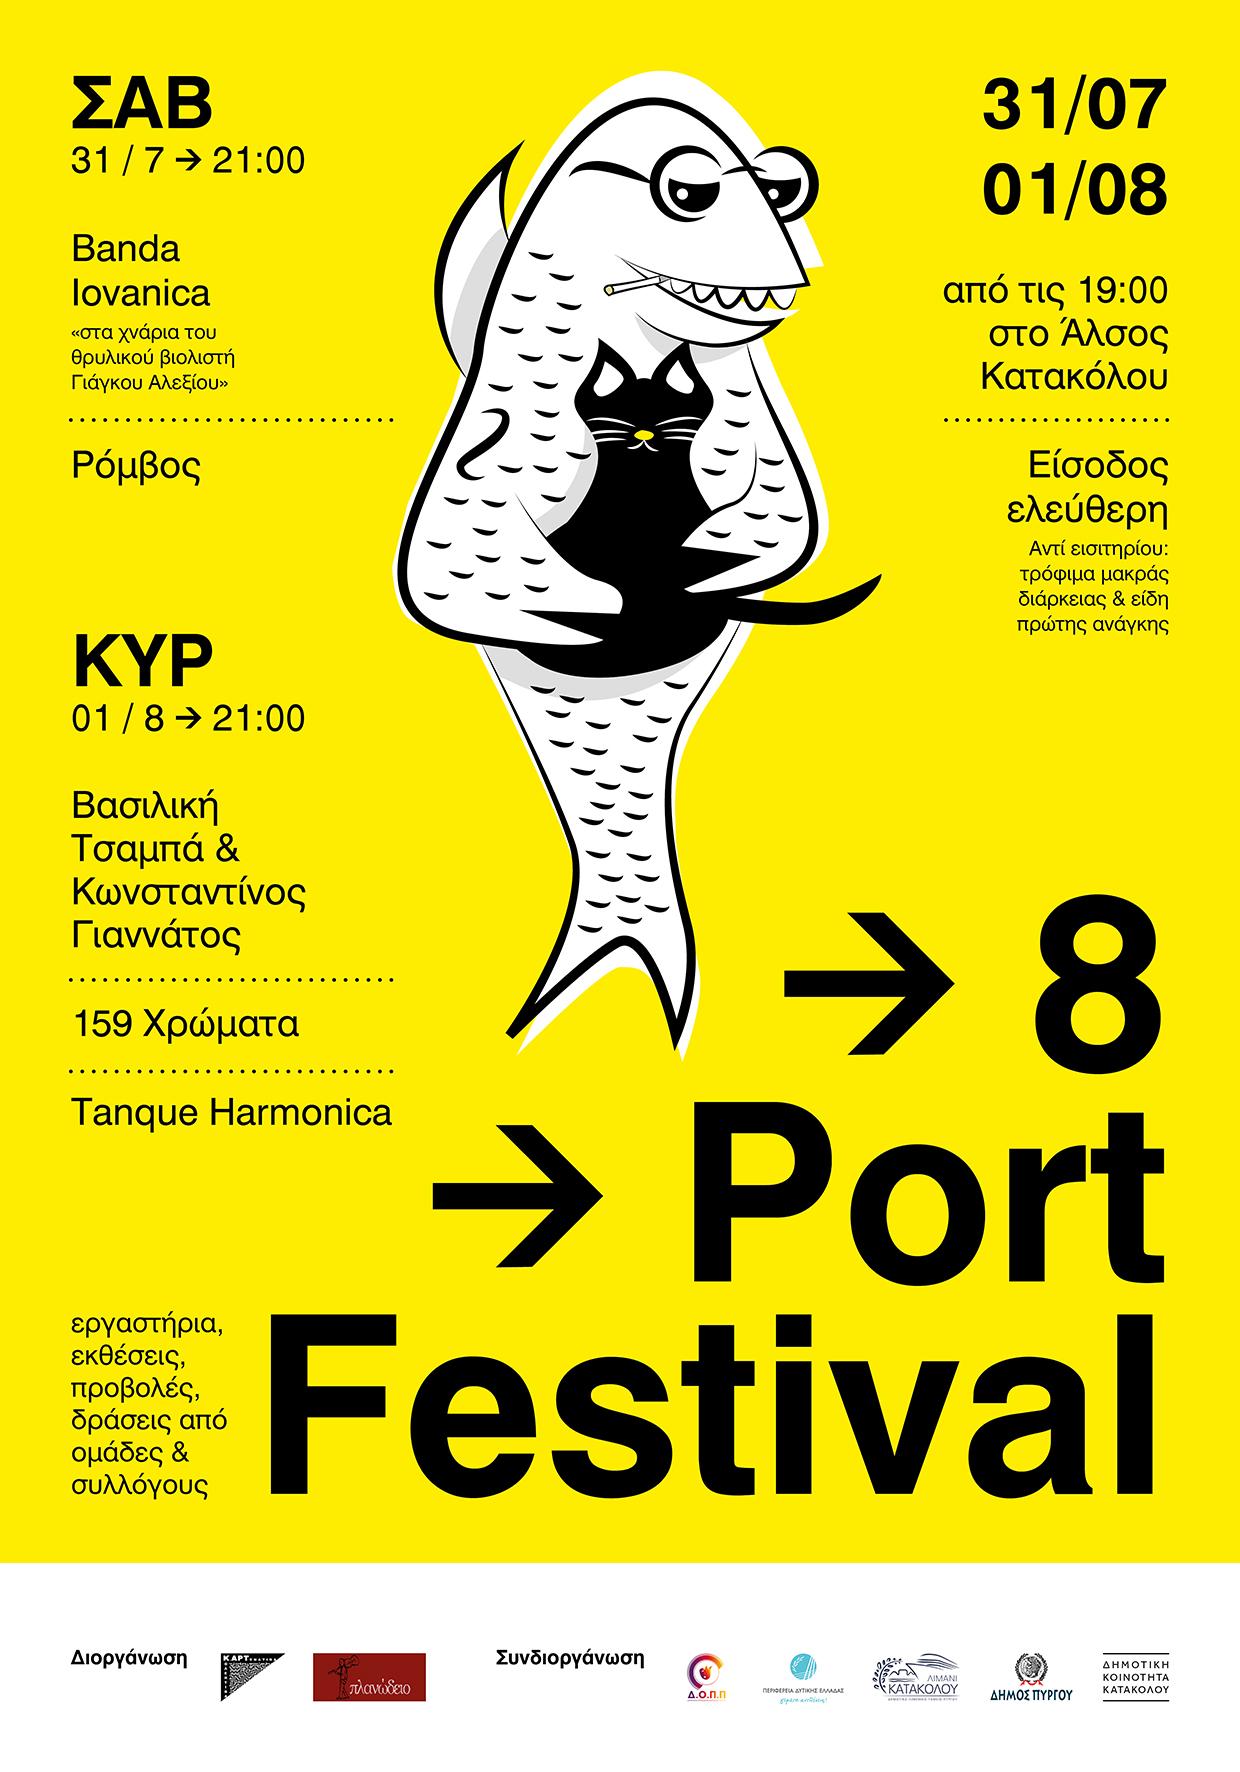 8ο Port Festival: Η γιορτή του λιμανιού επιστρέφει στο Κατάκολο